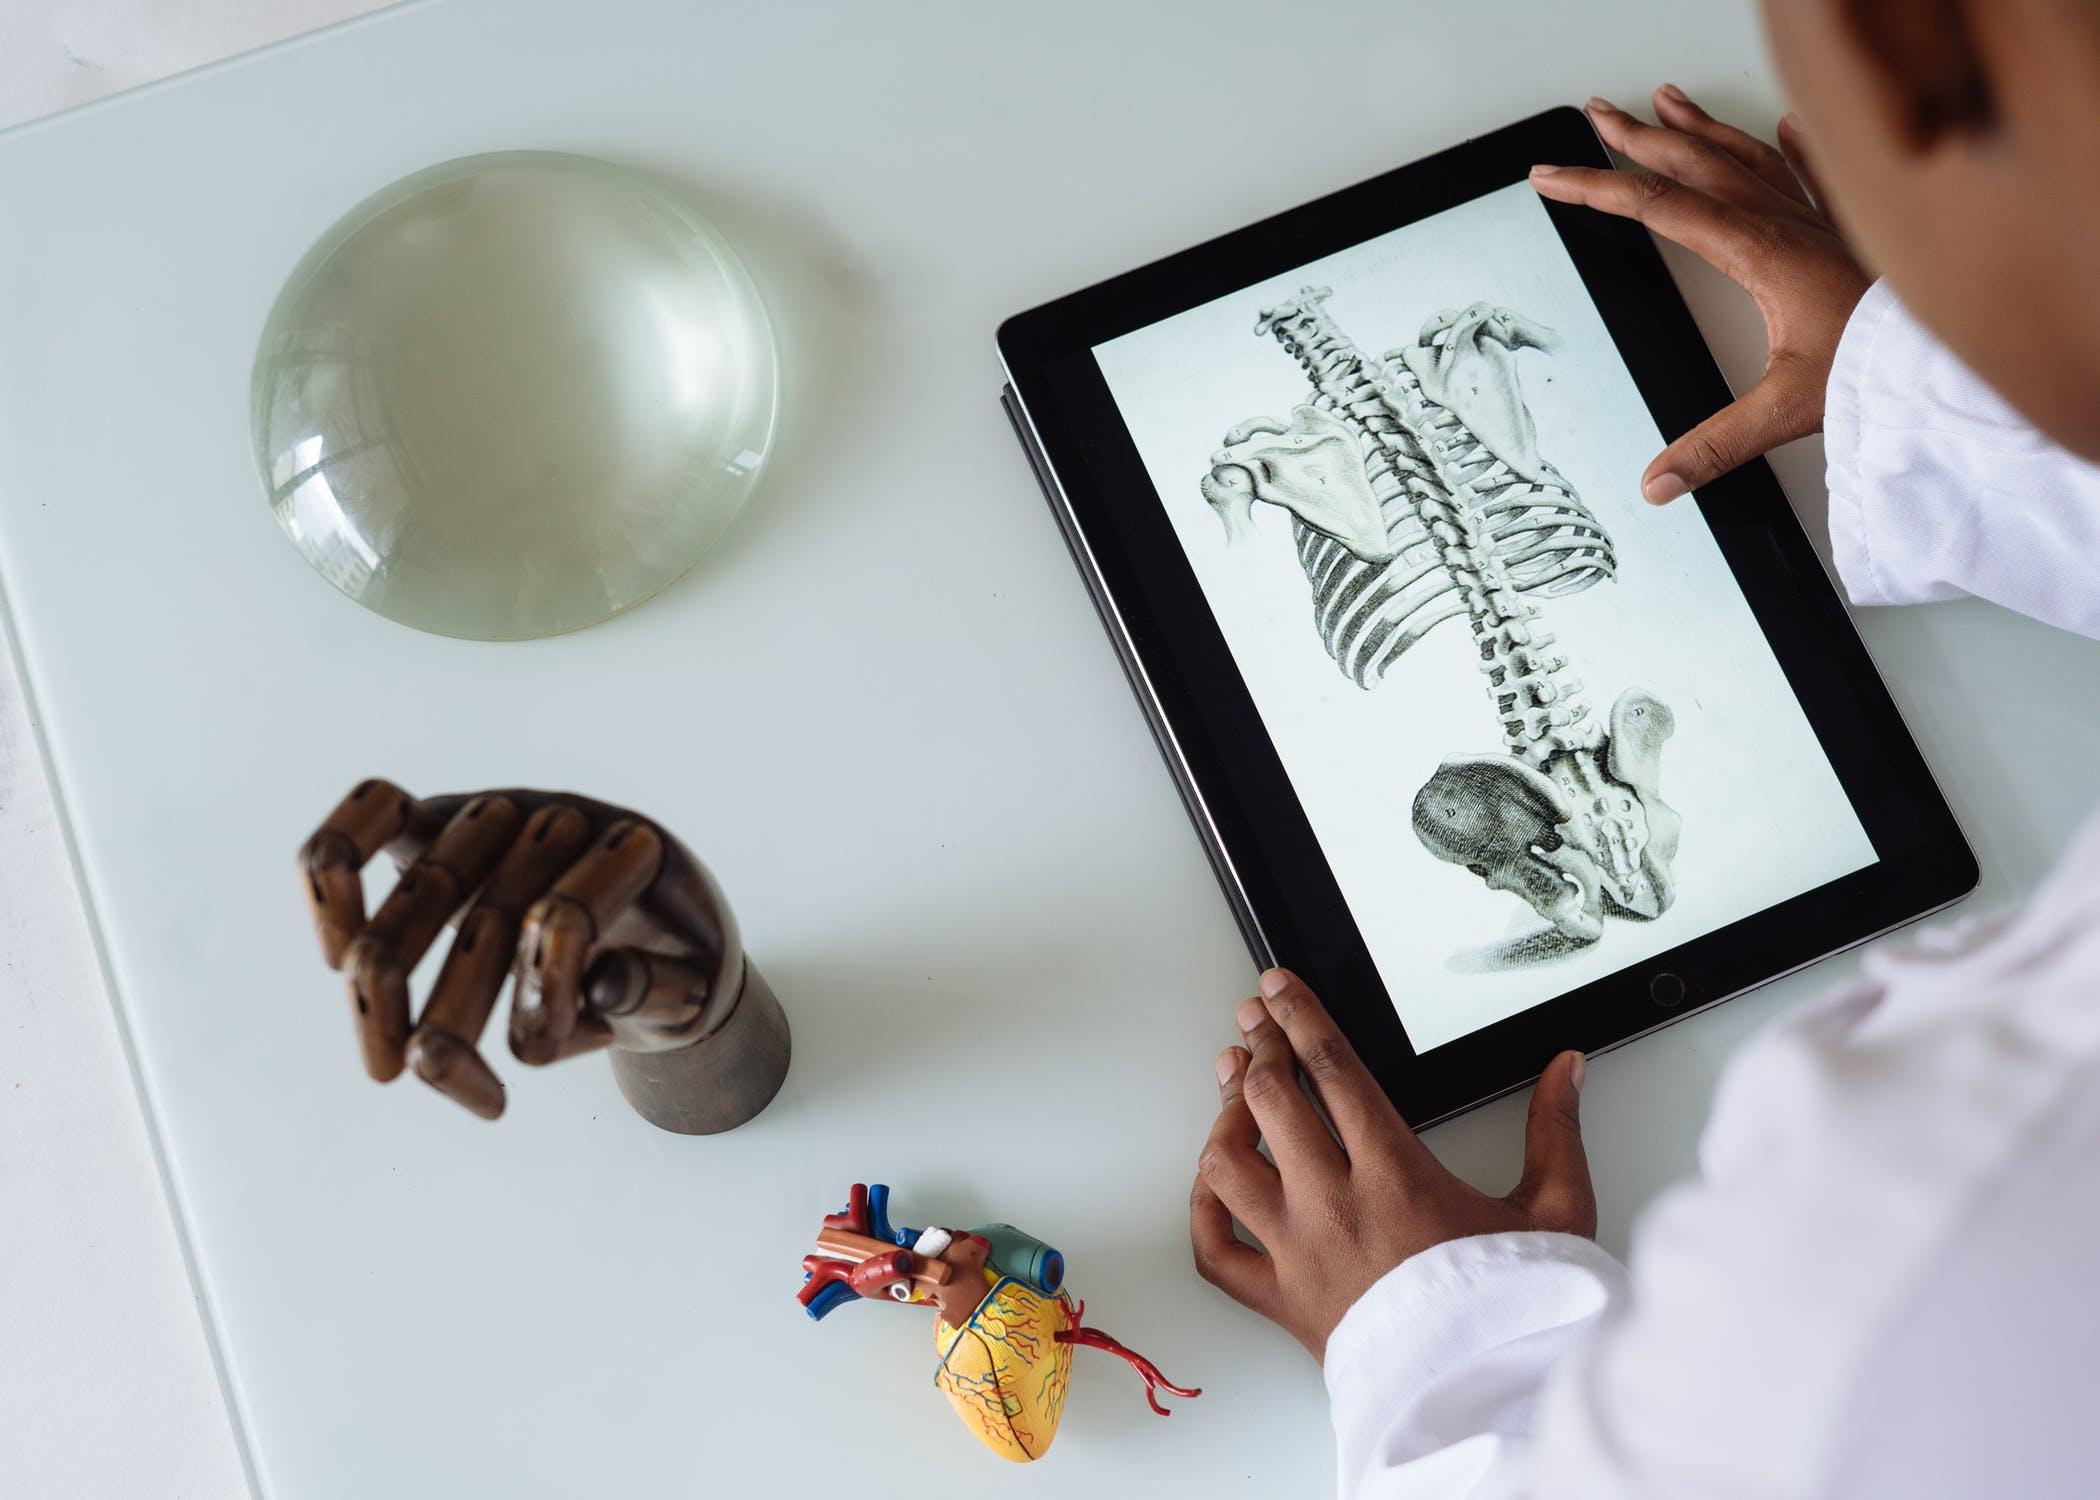 Zdravotné matrace odporúčané ortopédmi